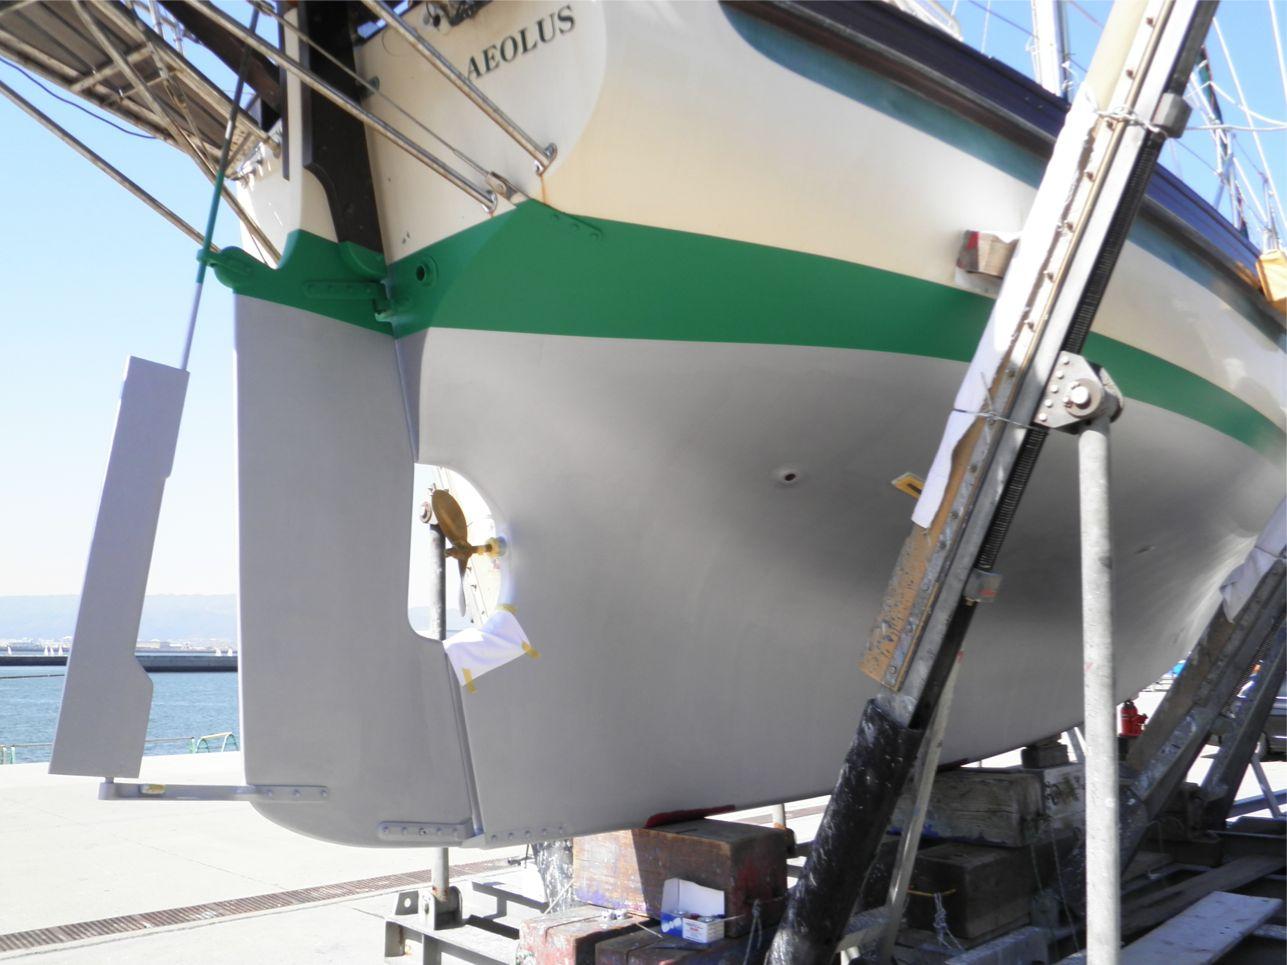 船底整備のすべて⑫ ハル上部(緑ライン) 船底塗料ニューマリンゴールド緑 塗装後_a0051924_22275854.jpg